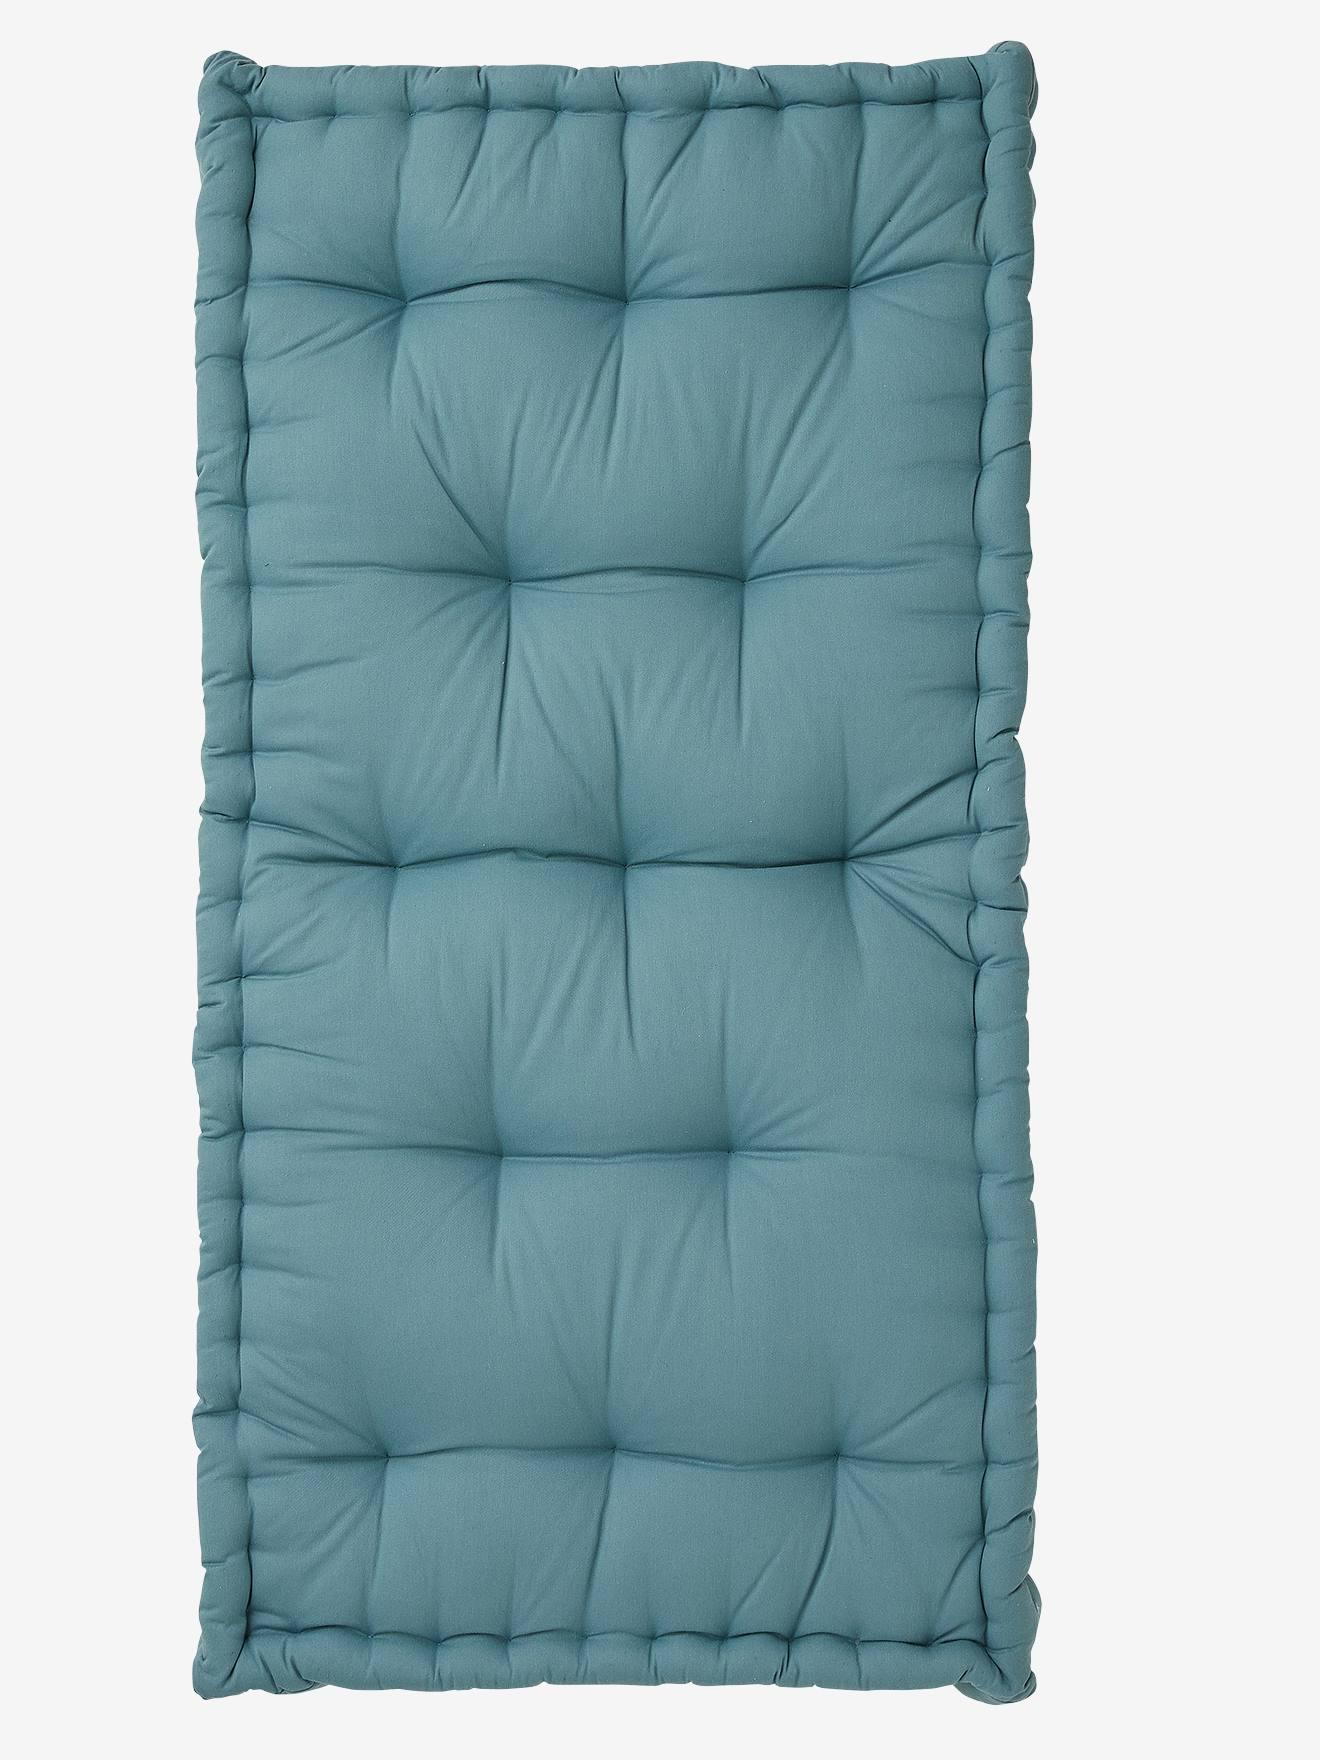 Matelas Au Sol Sommier matelas de sol style futon bleu - vertbaudet